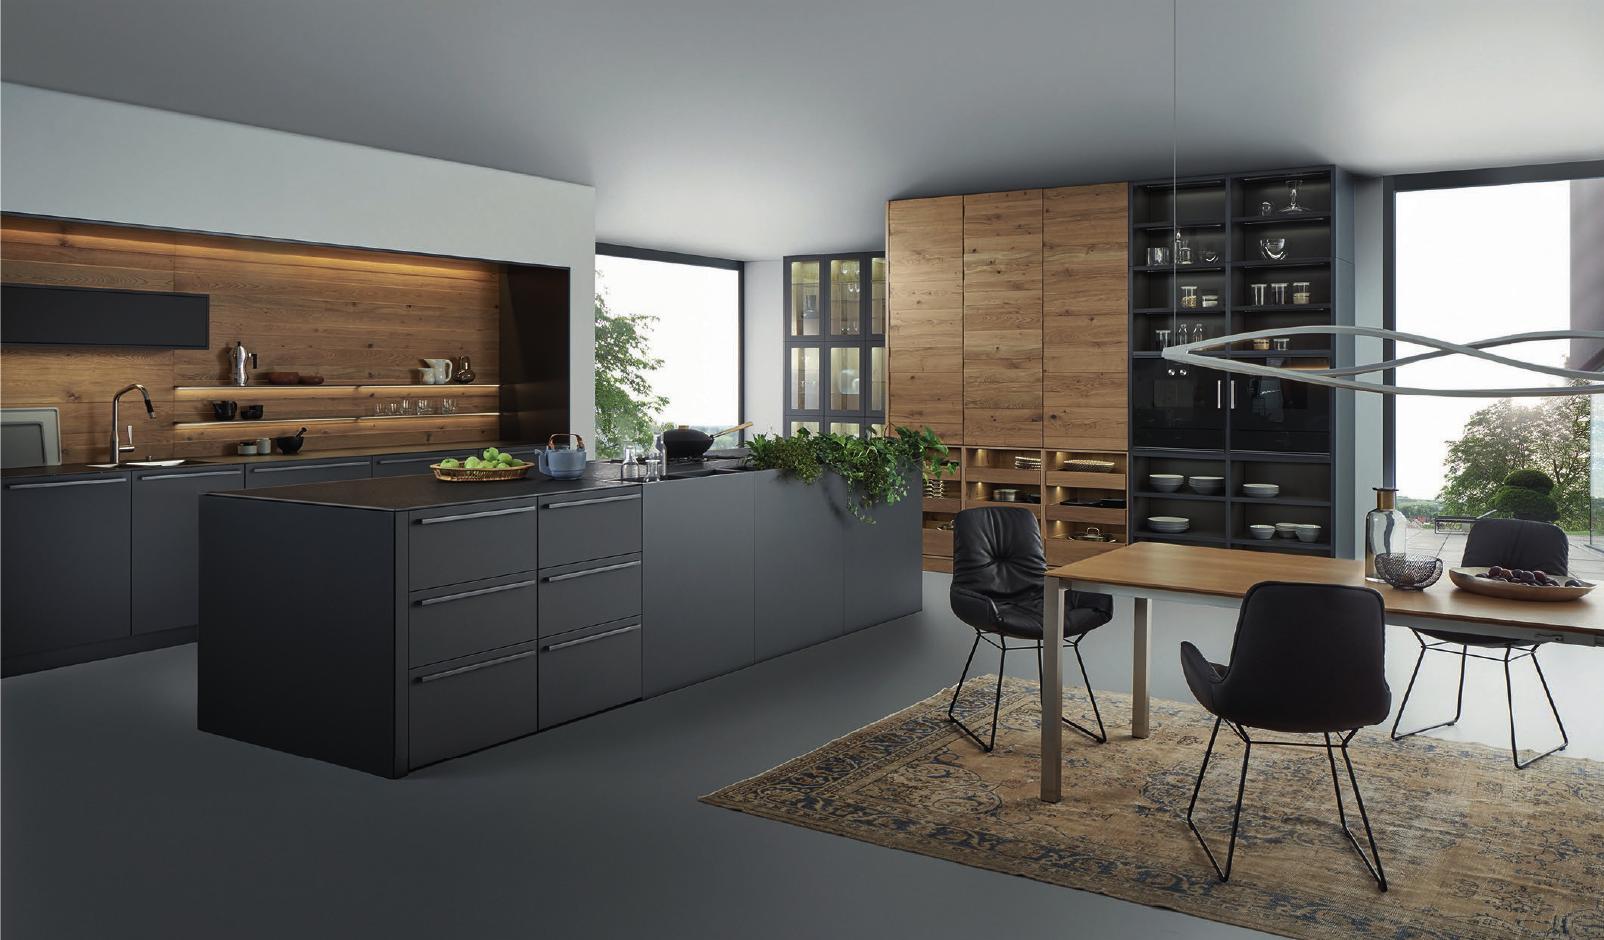 Küchen Der Marke Leicht Stehen Für Hochwertiges Design, Individualität Und  Qualität. Foto: Leicht